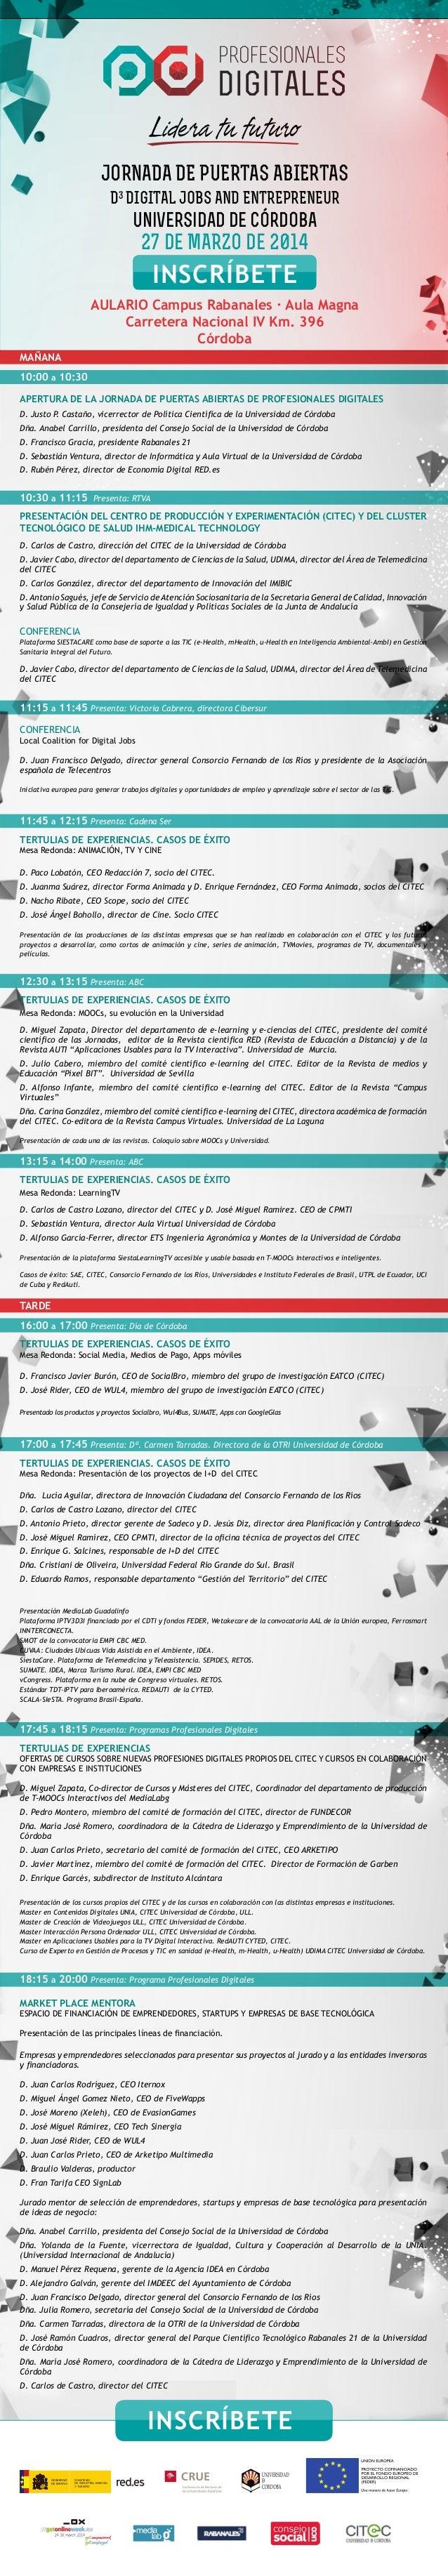 MAÑANA 10:00 a 10:30 APERTURA DE LA JORNADA DE PUERTAS ABIERTAS DE PROFESIONALES DIGITALES D. Justo P. Castaño, vicerrecto...